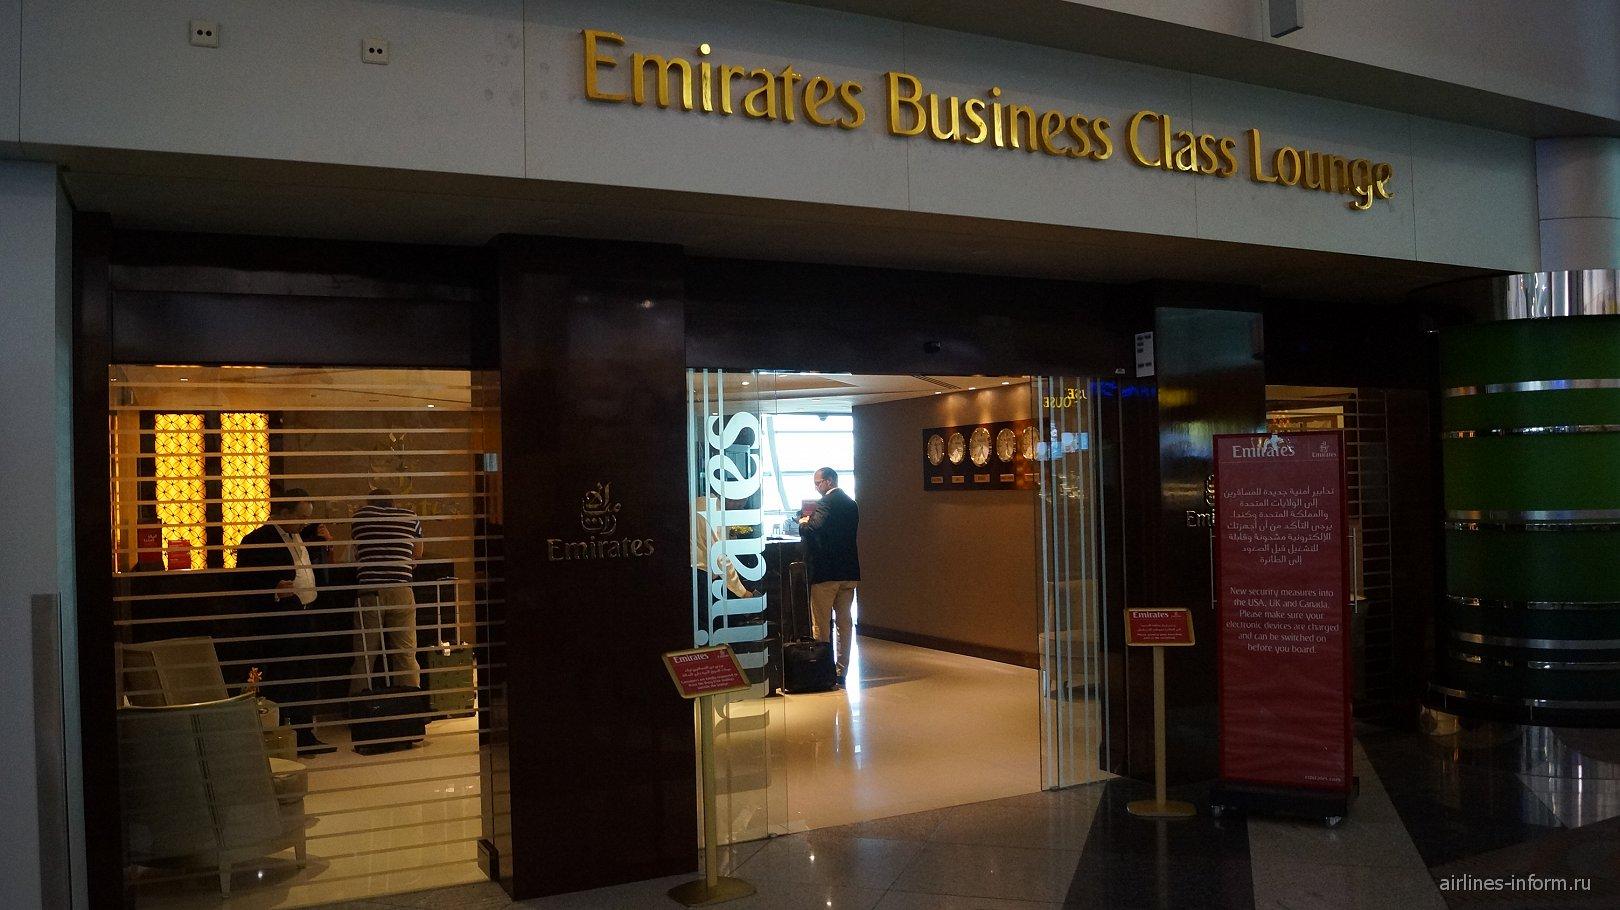 Бизнес-зал авиакомпании Emirates в терминале 3 аэропорта Дубай